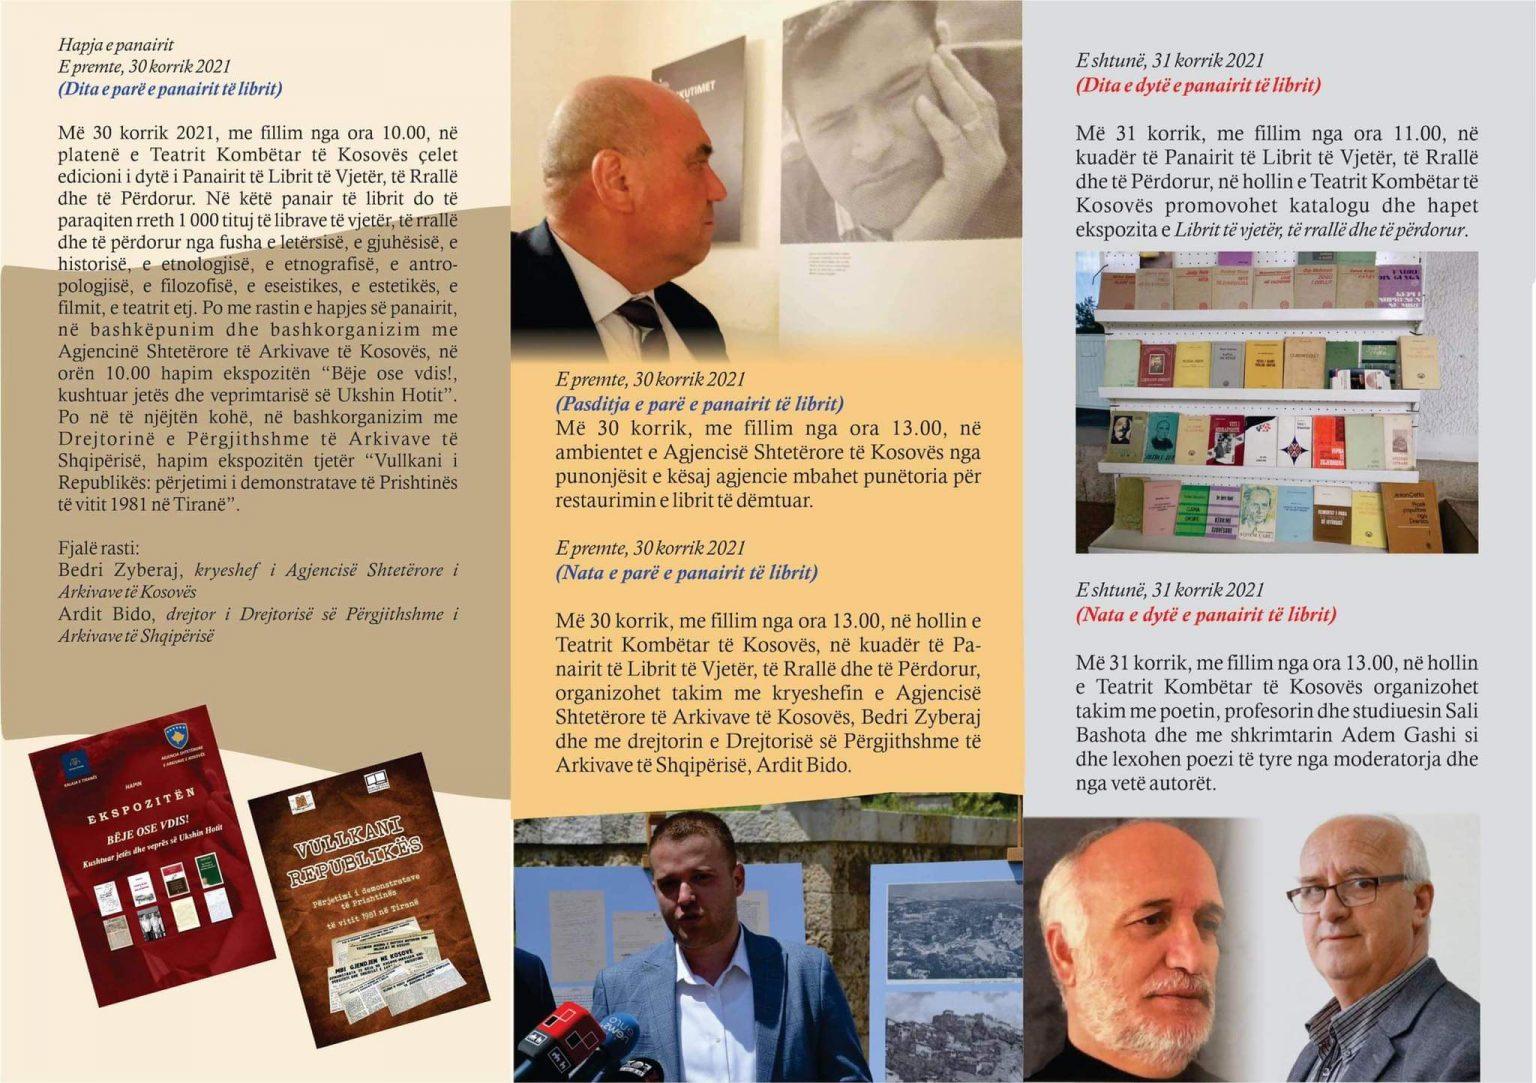 Nesër Panairi i Librit të Vjetër, ekspozita kushtuar jetës së Ukshin Hotit dhe ngjarjeve të vitit 1981 në Kosovë